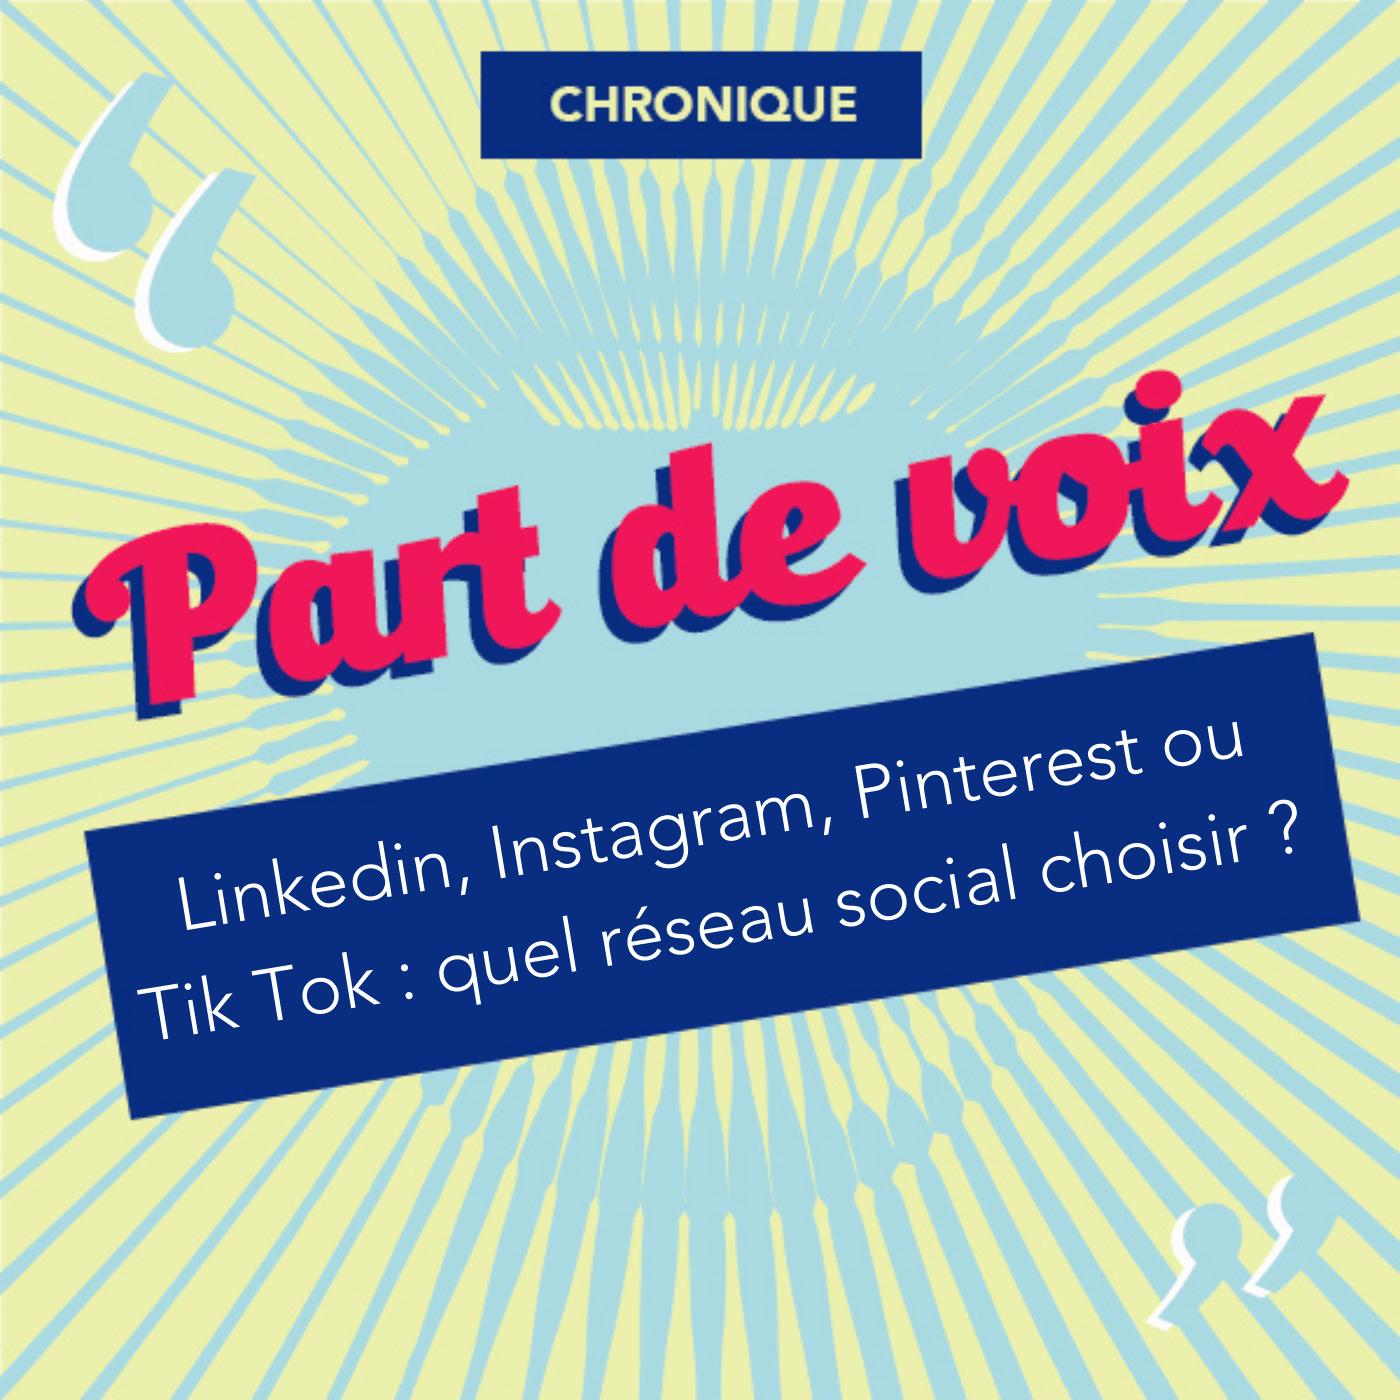 Linkedin, Instagram, Pinterest ou Tik Tok : quel réseau social choisir ? [Chronique]